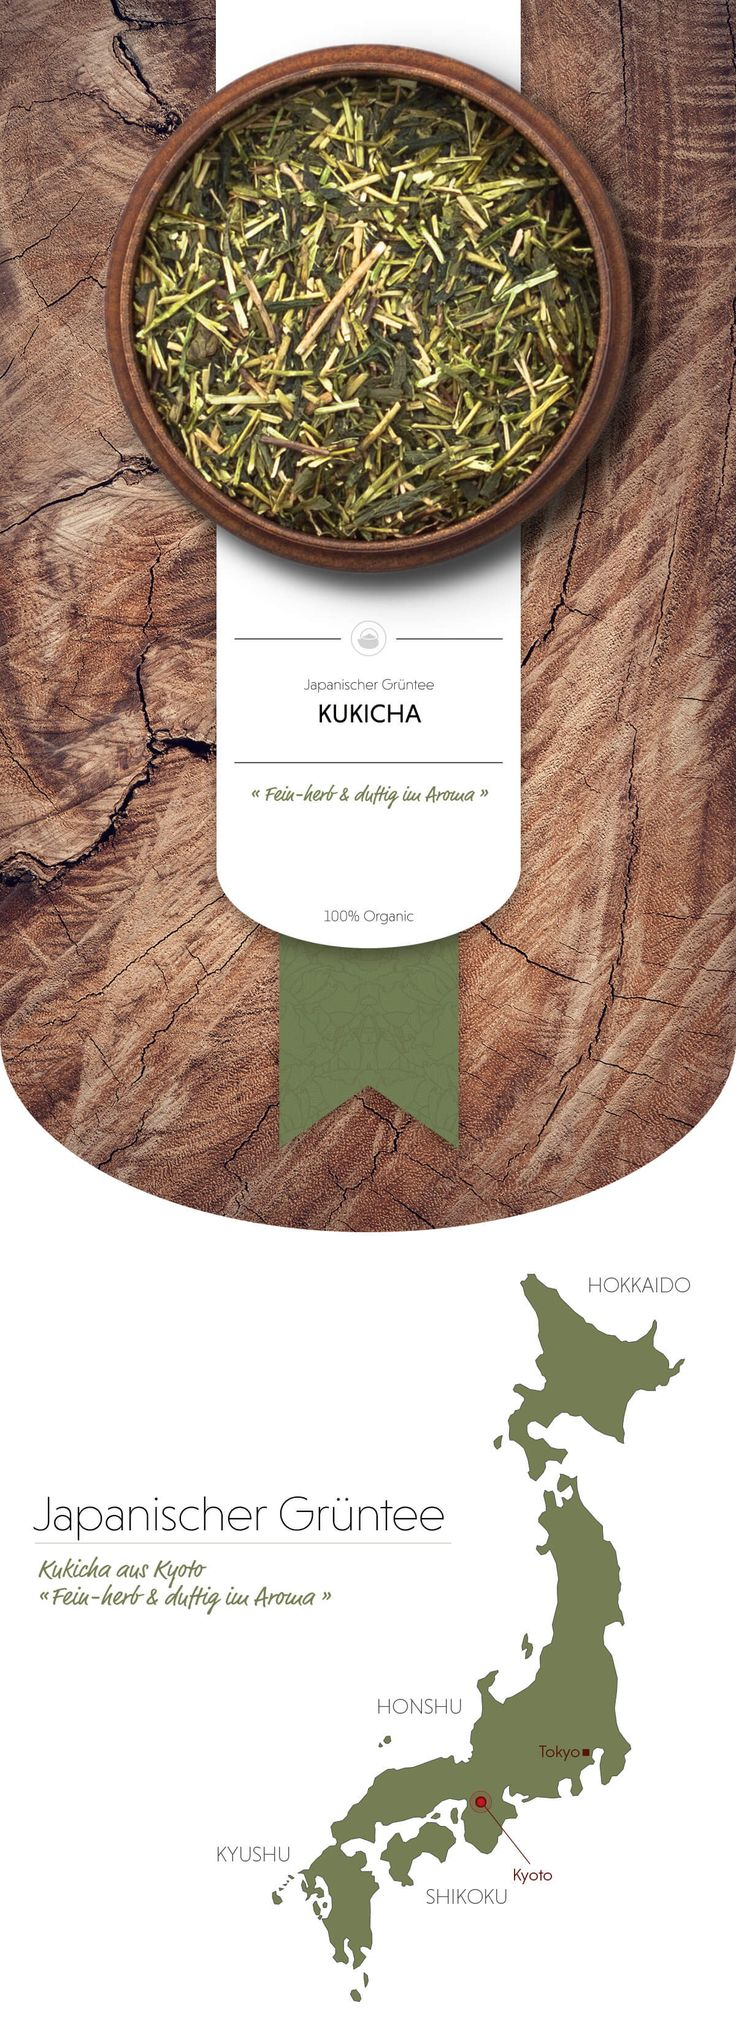 Kukicha Bio Grüntee | Feine Blattrippen mit einem würzigen und feinherben Geschmack und duftigem Aroma. #grünerTee #Grüntee #japanischerGrüntee #Japan #japanischerGrünerTee #Matcha #MatchaTee #Teezeremonie #japanischeTeezeremonie #JapanTee #Oryoki